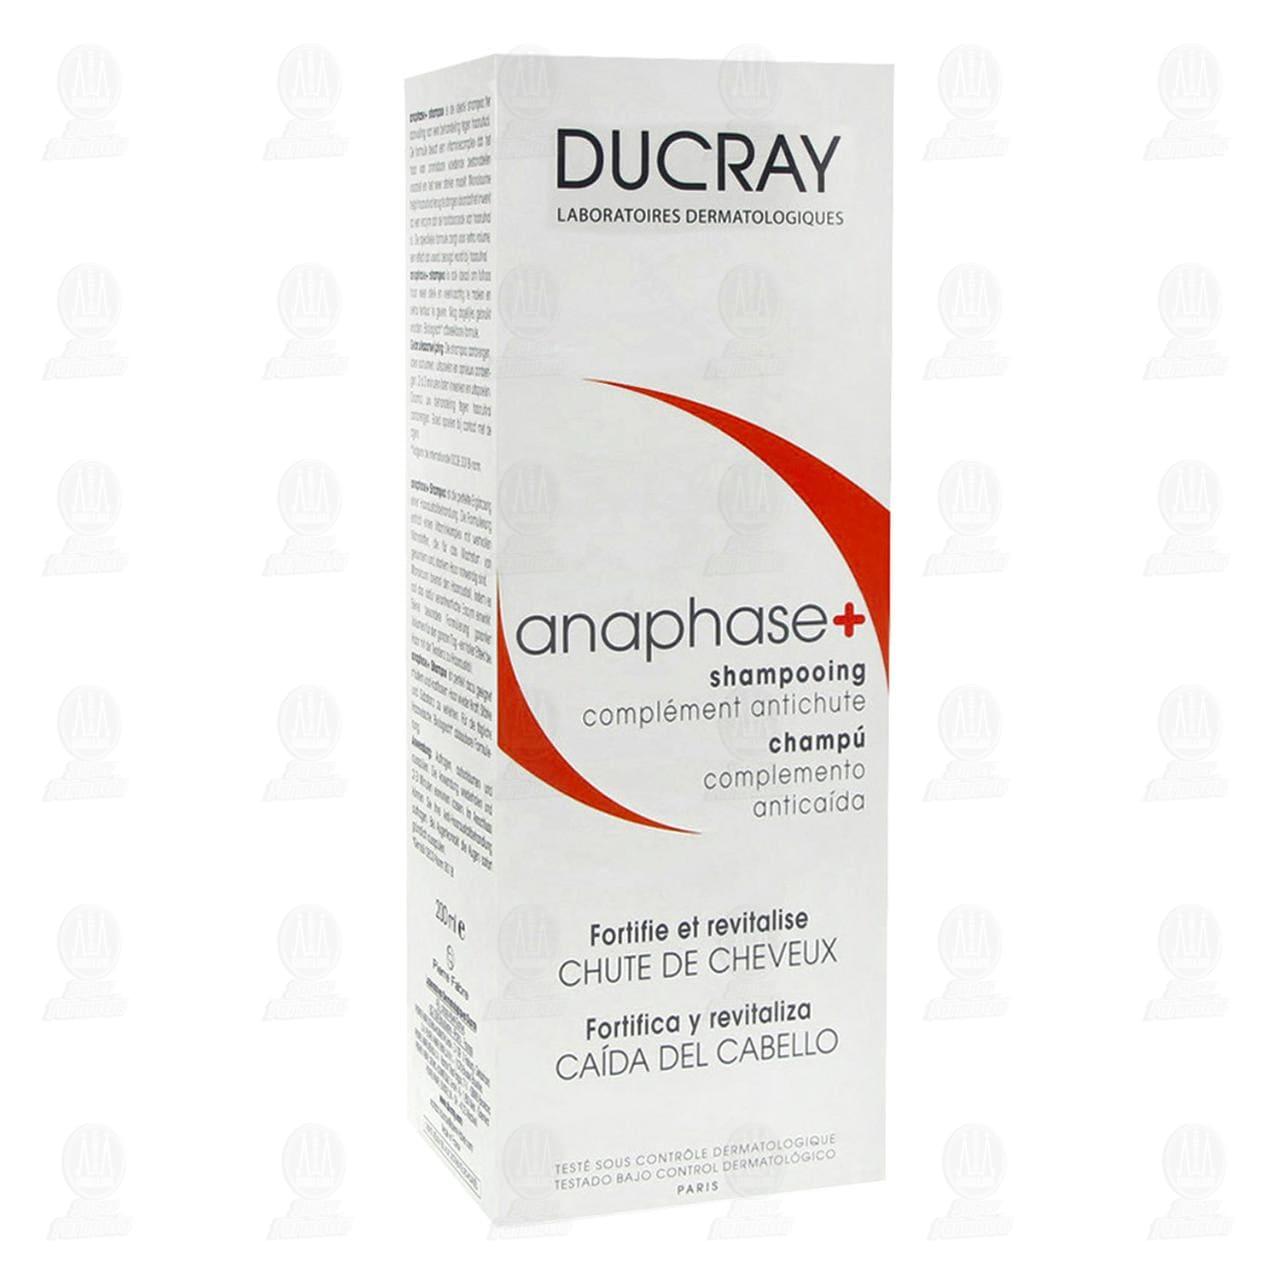 Comprar Ducray Anaphase+ Shampoo Anticaída, 200 ml. en Farmacias Guadalajara